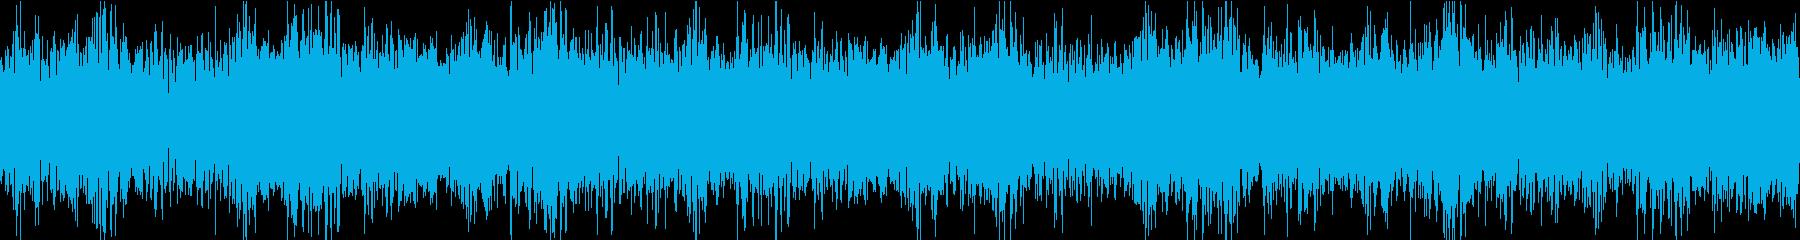 緊迫感 オーケストラ ループの再生済みの波形